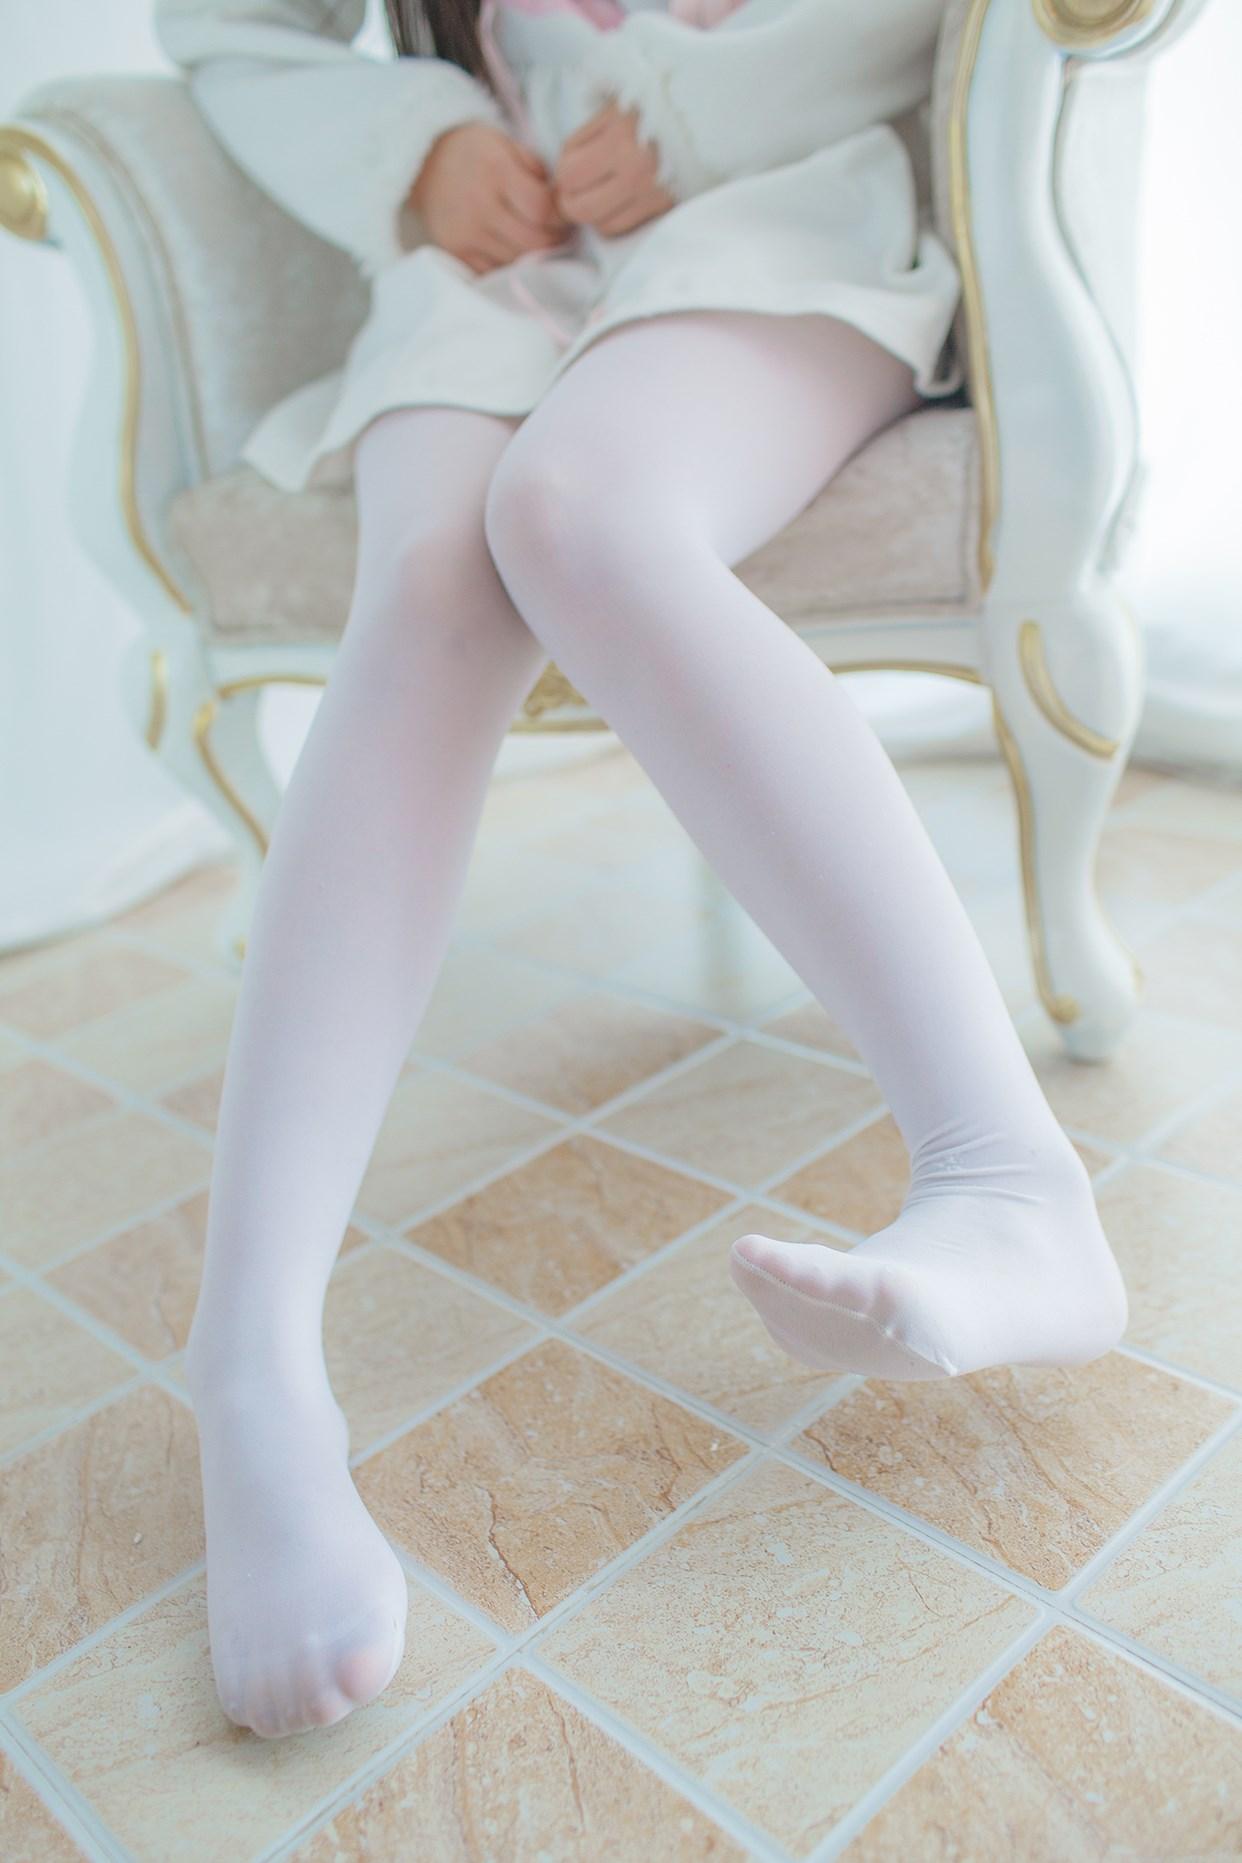 【兔玩映画】激萌小萝莉 兔玩映画 第10张